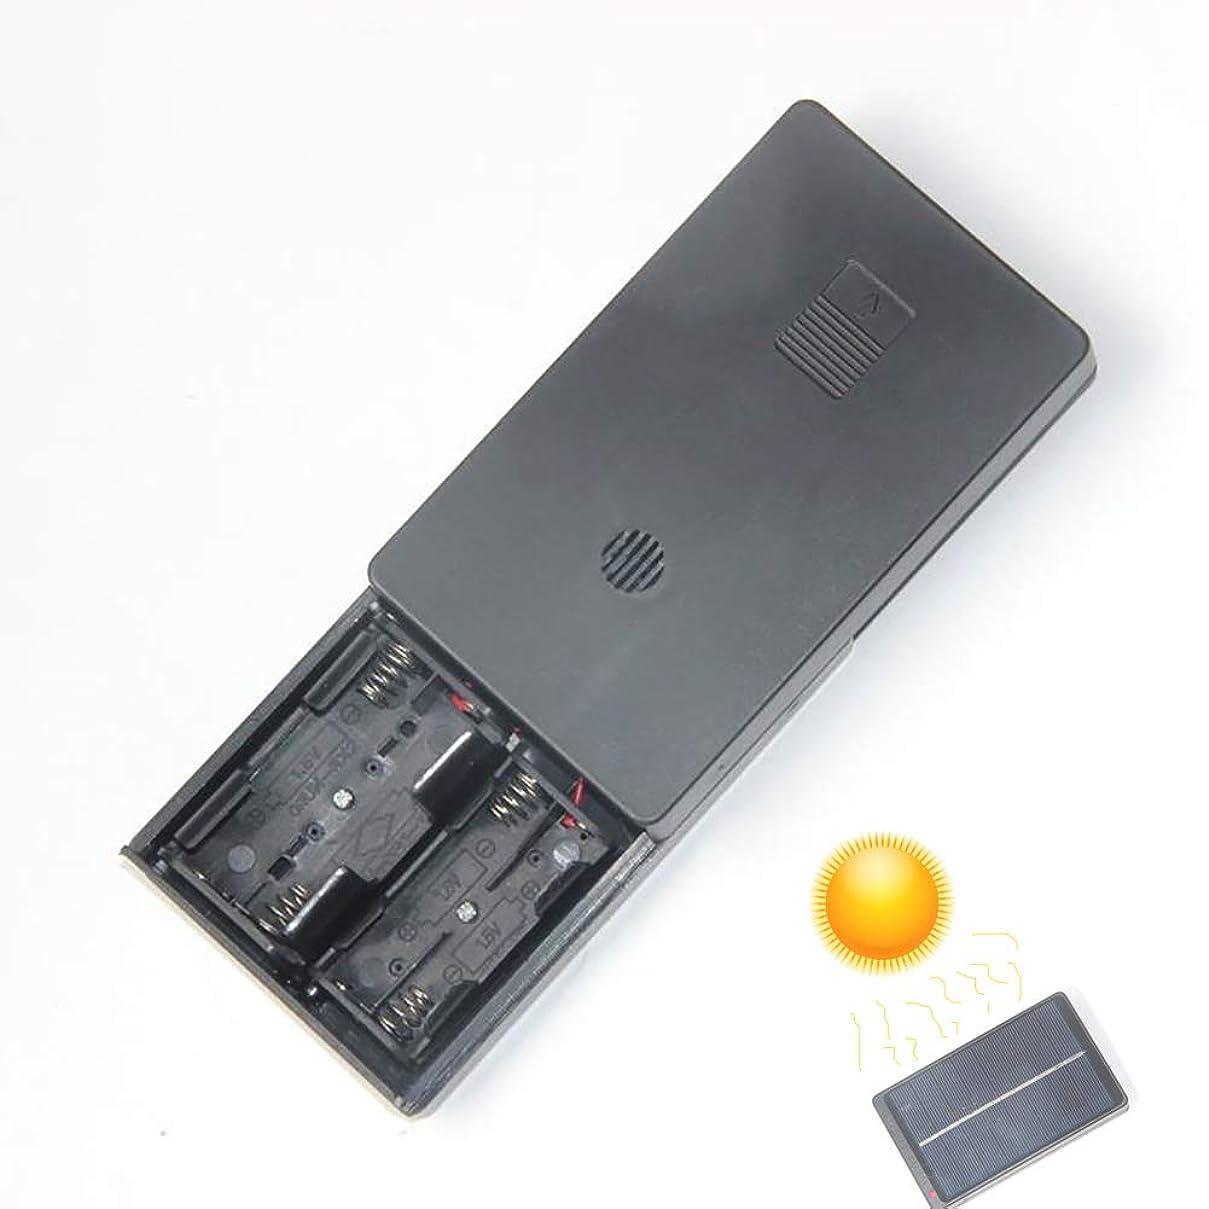 巨人後ろ、背後、背面(部交じる充電器充電ボックス、ソーラーパネルボード充電ボックス、単3および単4電池用1W 4Vポータブル太陽電池充電器(電池は含まれていません)